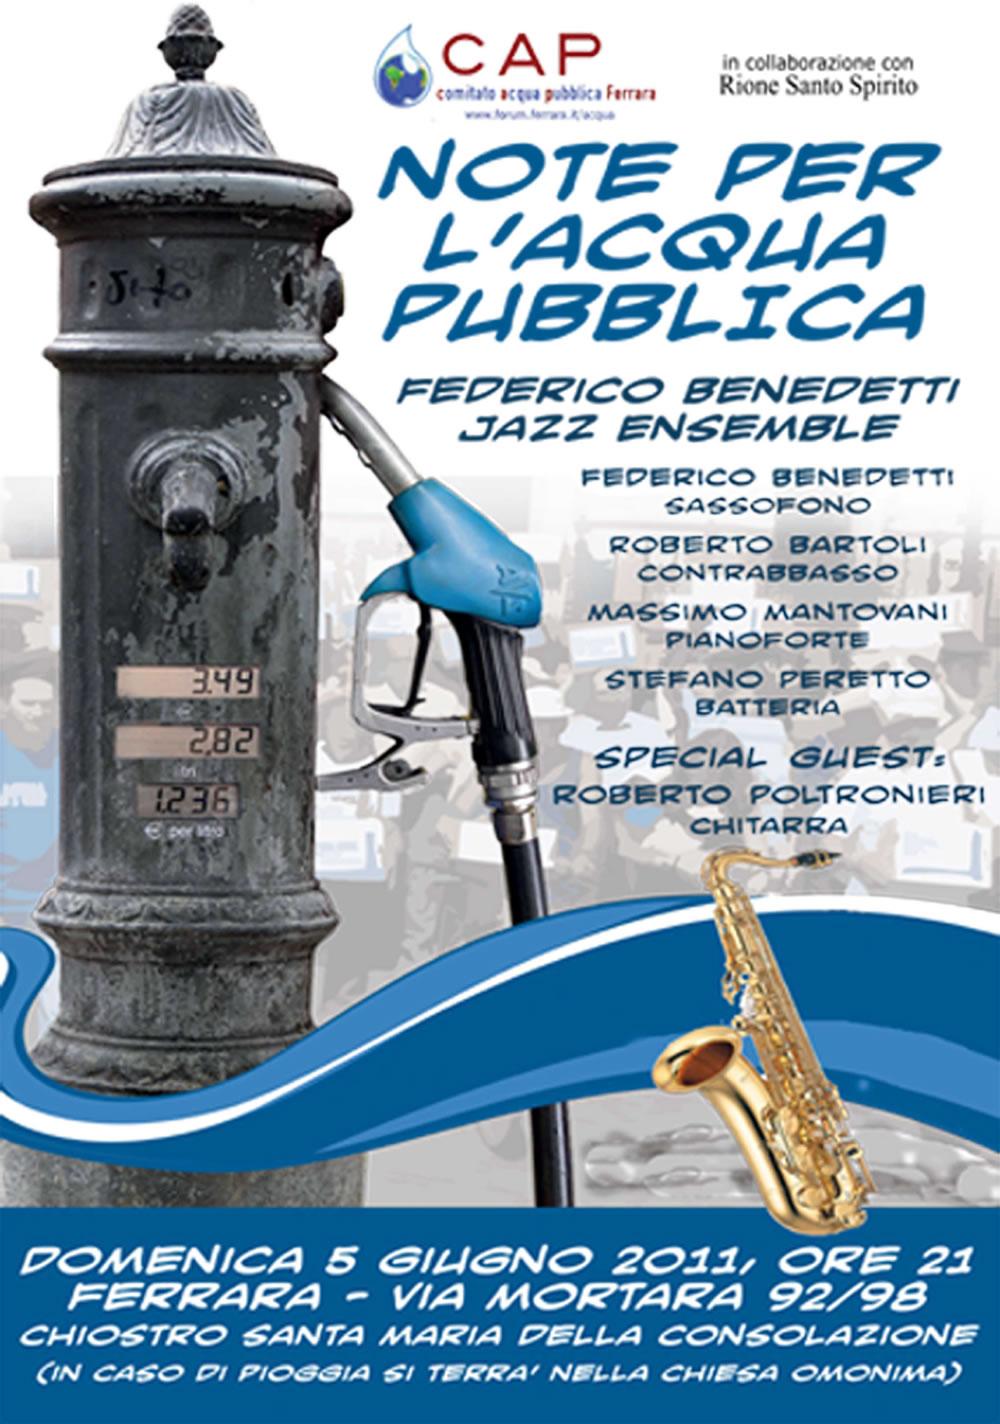 """<div class=""""at-above-post-arch-page addthis_tool"""" data-url=""""http://www.verdi.ferrara.it/sito/2011/06/02/5-giugno-note-per-lacqua-pubblica/""""></div>Il Comitato Acqua Pubblica di Ferrara, in collaborazione con il Rione Santo Spirito vi invitano NOTE PER L'ACQUA PUBBLICA con la Federico Benedetti Ensemble domenica 5 giugno, dalle ore 21 […]<!-- AddThis Advanced Settings above via filter on get_the_excerpt --><!-- AddThis Advanced Settings below via filter on get_the_excerpt --><!-- AddThis Advanced Settings generic via filter on get_the_excerpt --><!-- AddThis Share Buttons above via filter on get_the_excerpt --><!-- AddThis Share Buttons below via filter on get_the_excerpt --><div class=""""at-below-post-arch-page addthis_tool"""" data-url=""""http://www.verdi.ferrara.it/sito/2011/06/02/5-giugno-note-per-lacqua-pubblica/""""></div><!-- AddThis Share Buttons generic via filter on get_the_excerpt -->"""